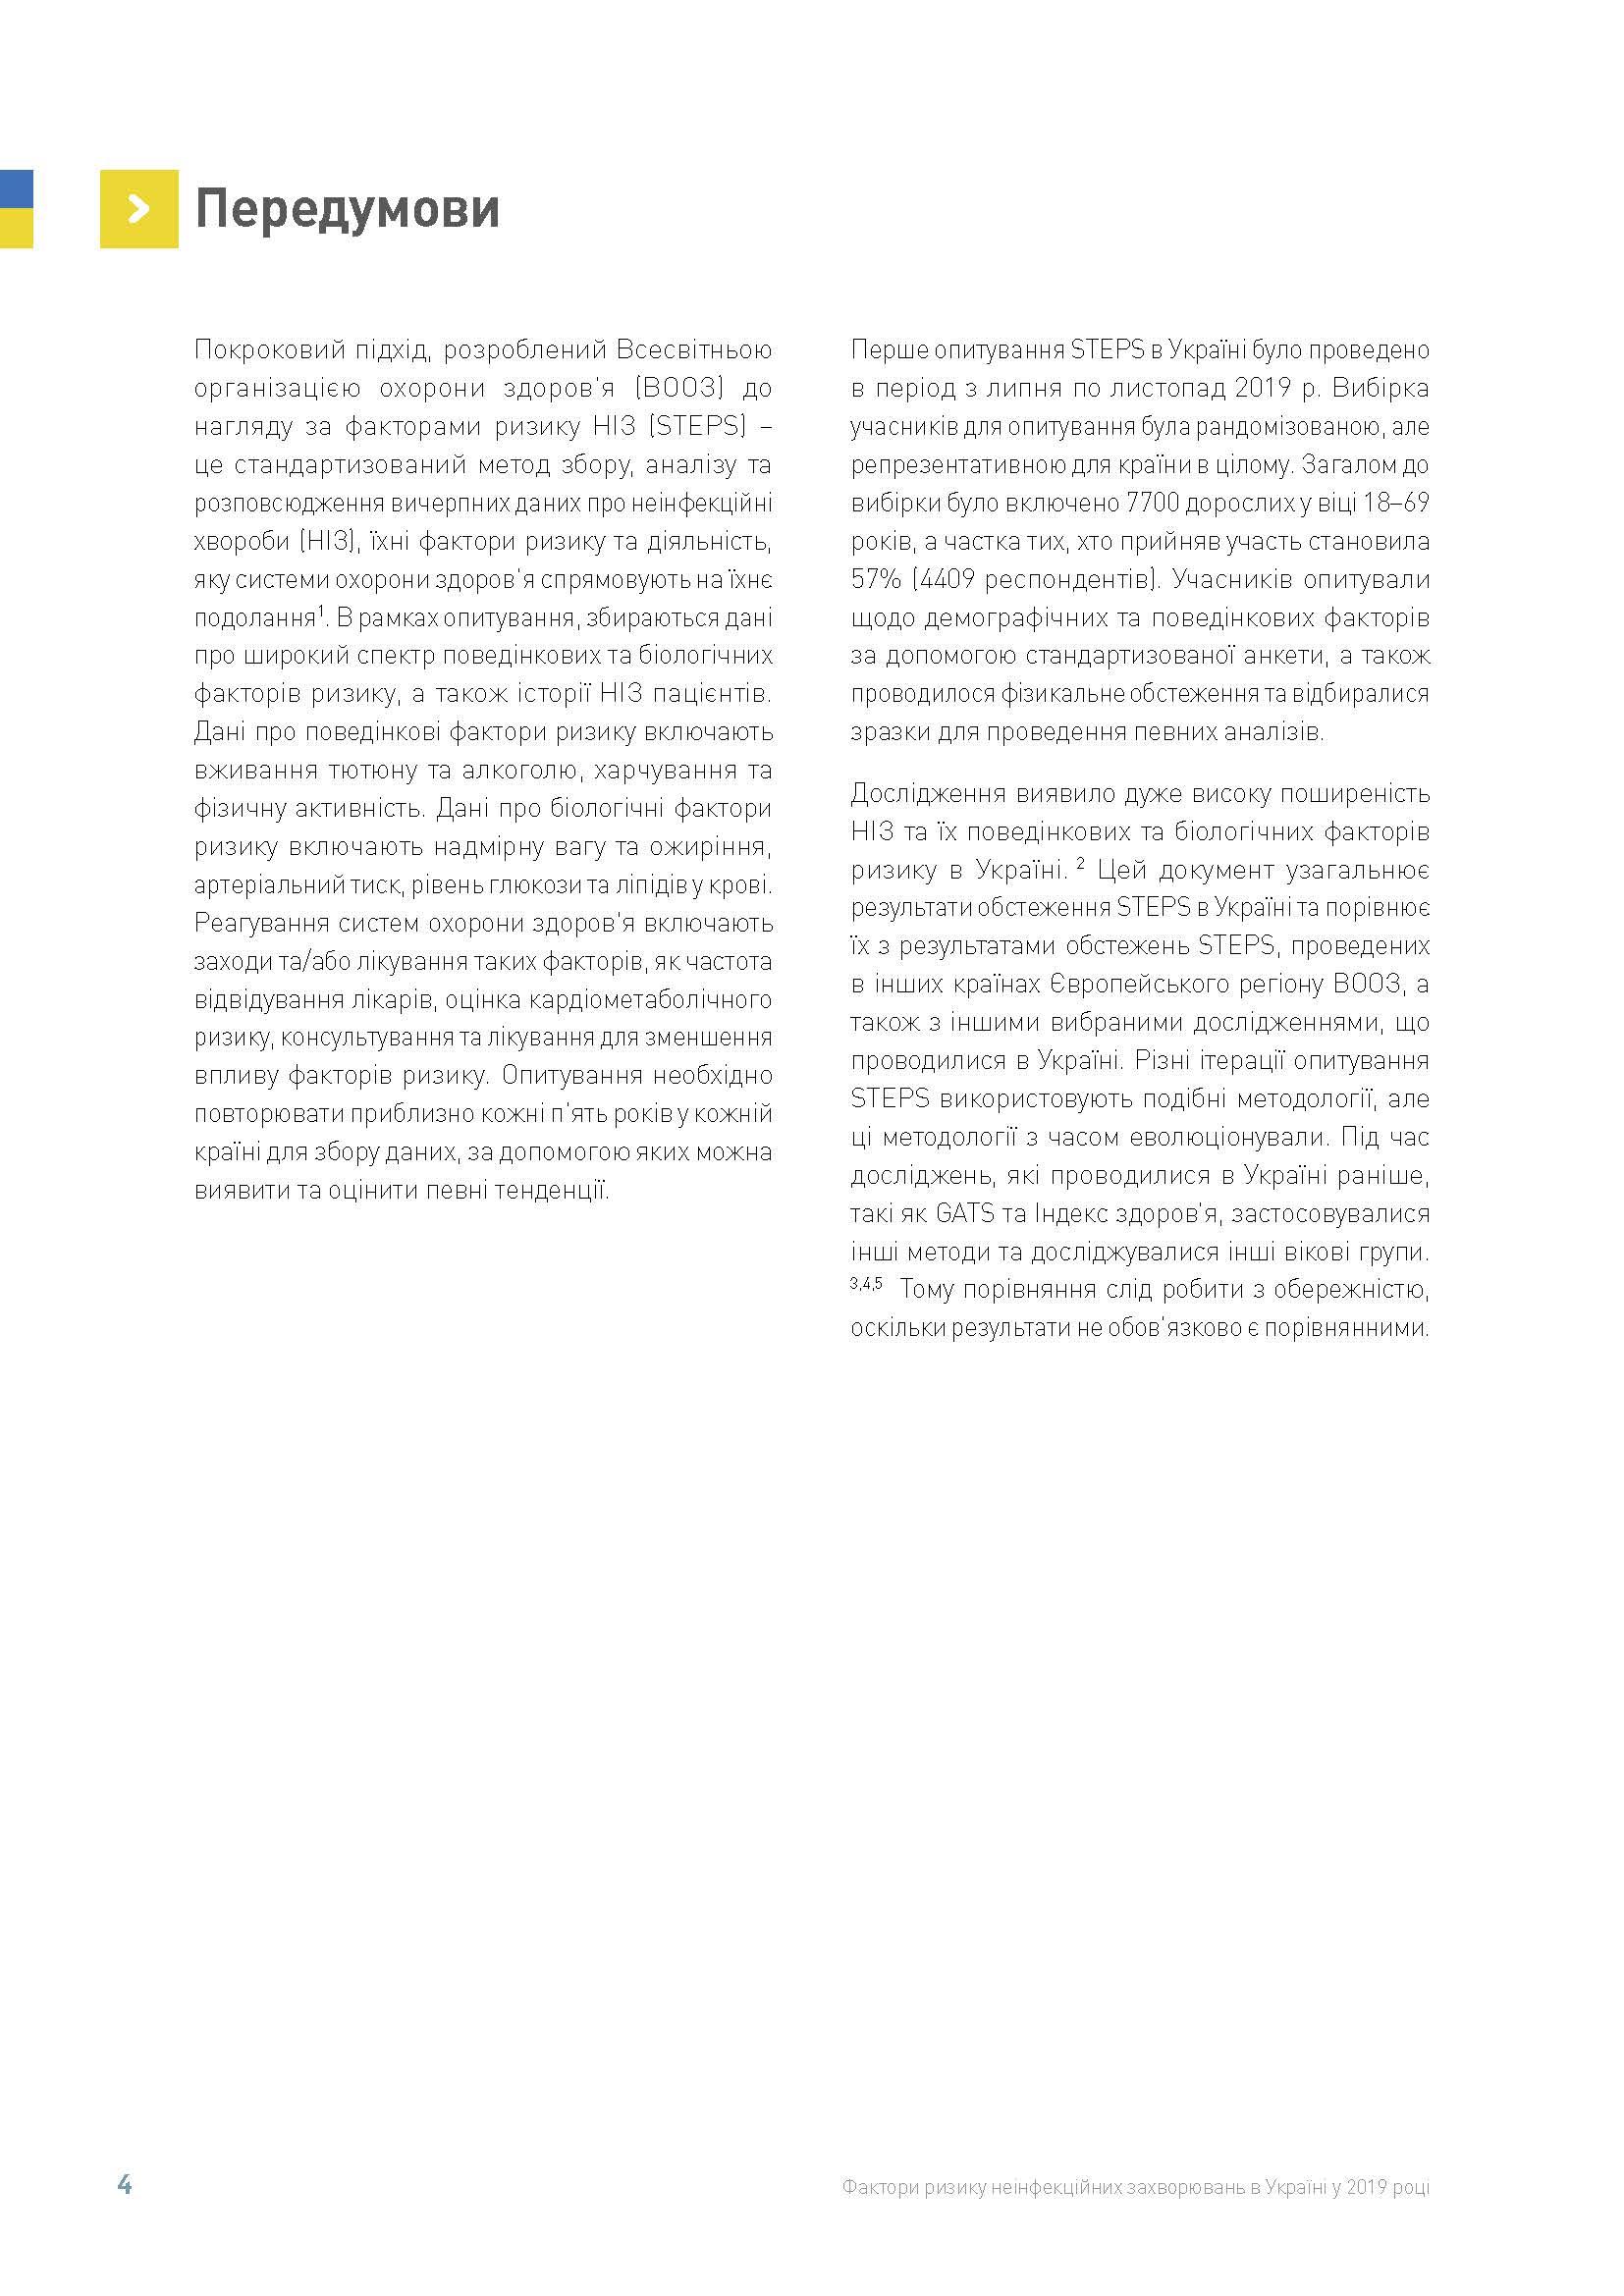 STEPS_Report_Summary_ukr_Страница_04